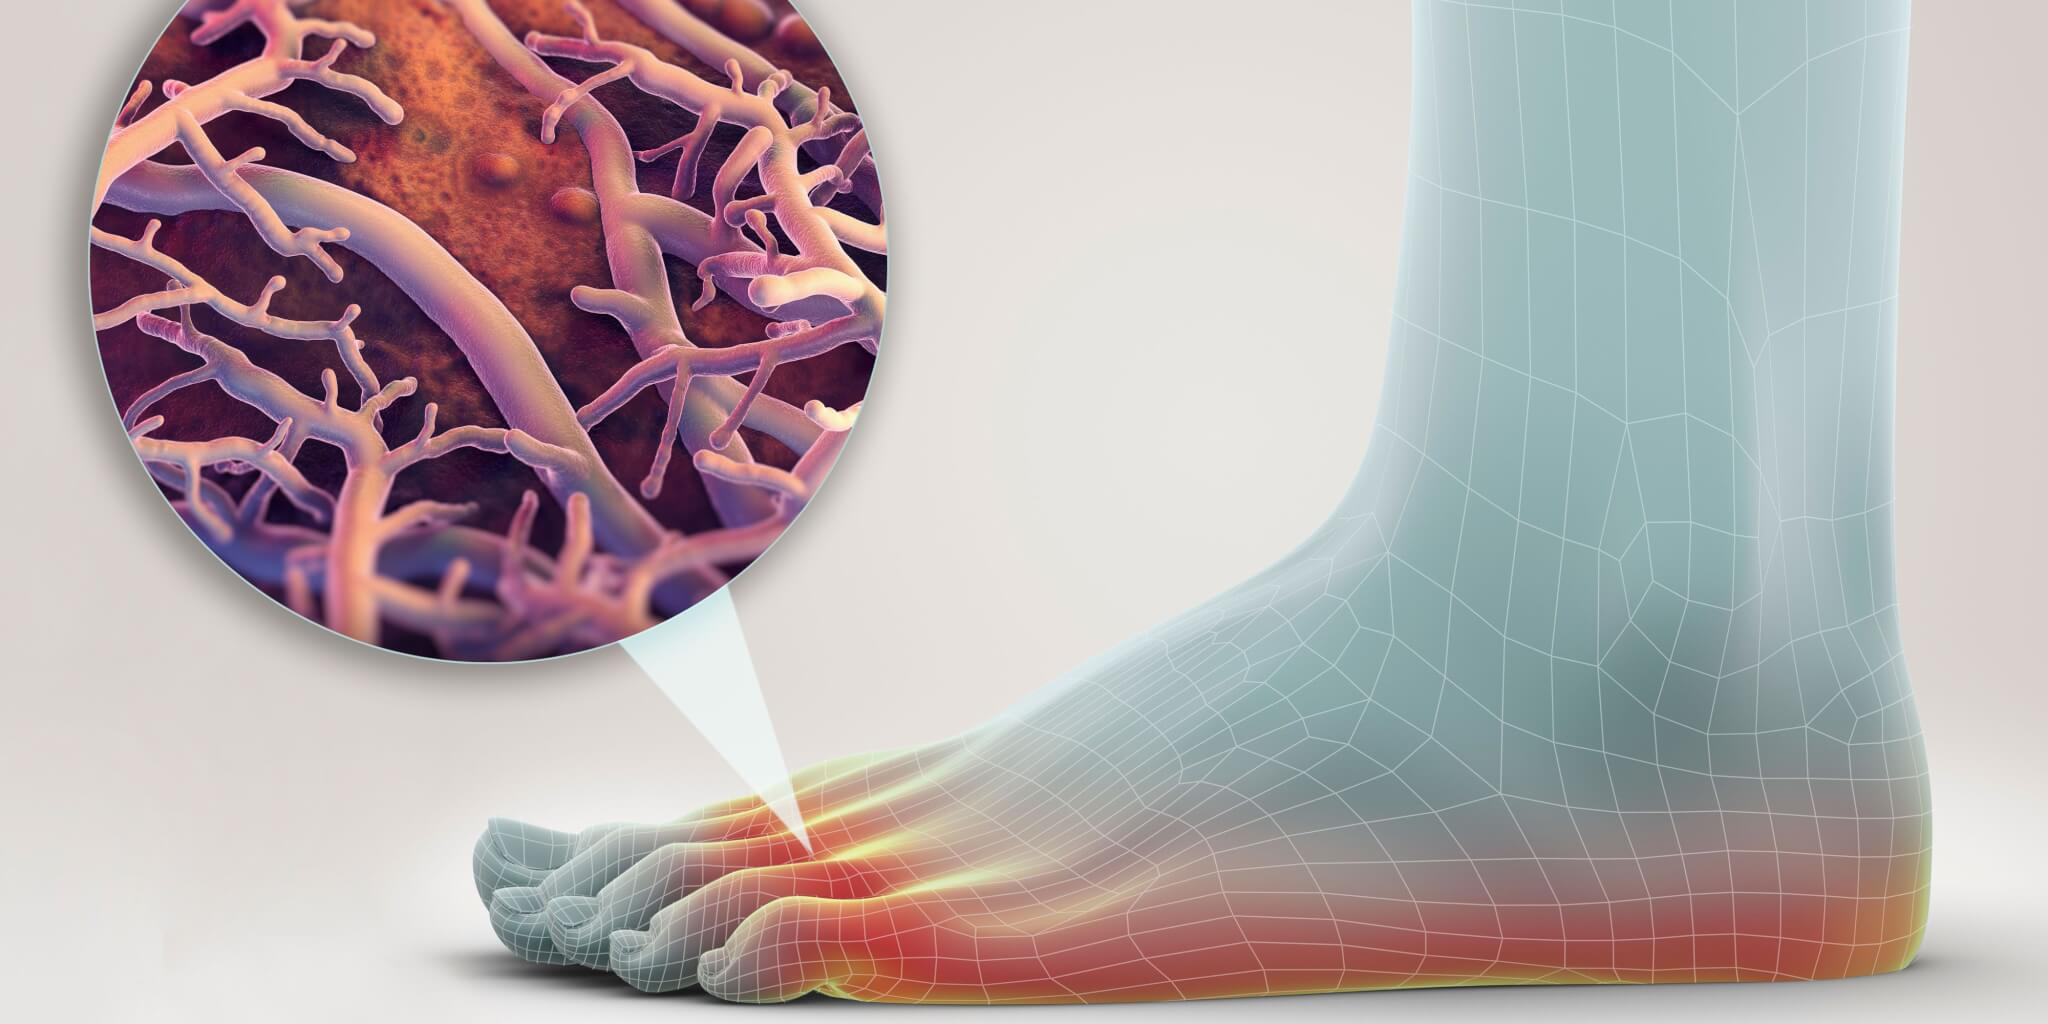 Люминесцентная диагностика грибковых заболеваний фото